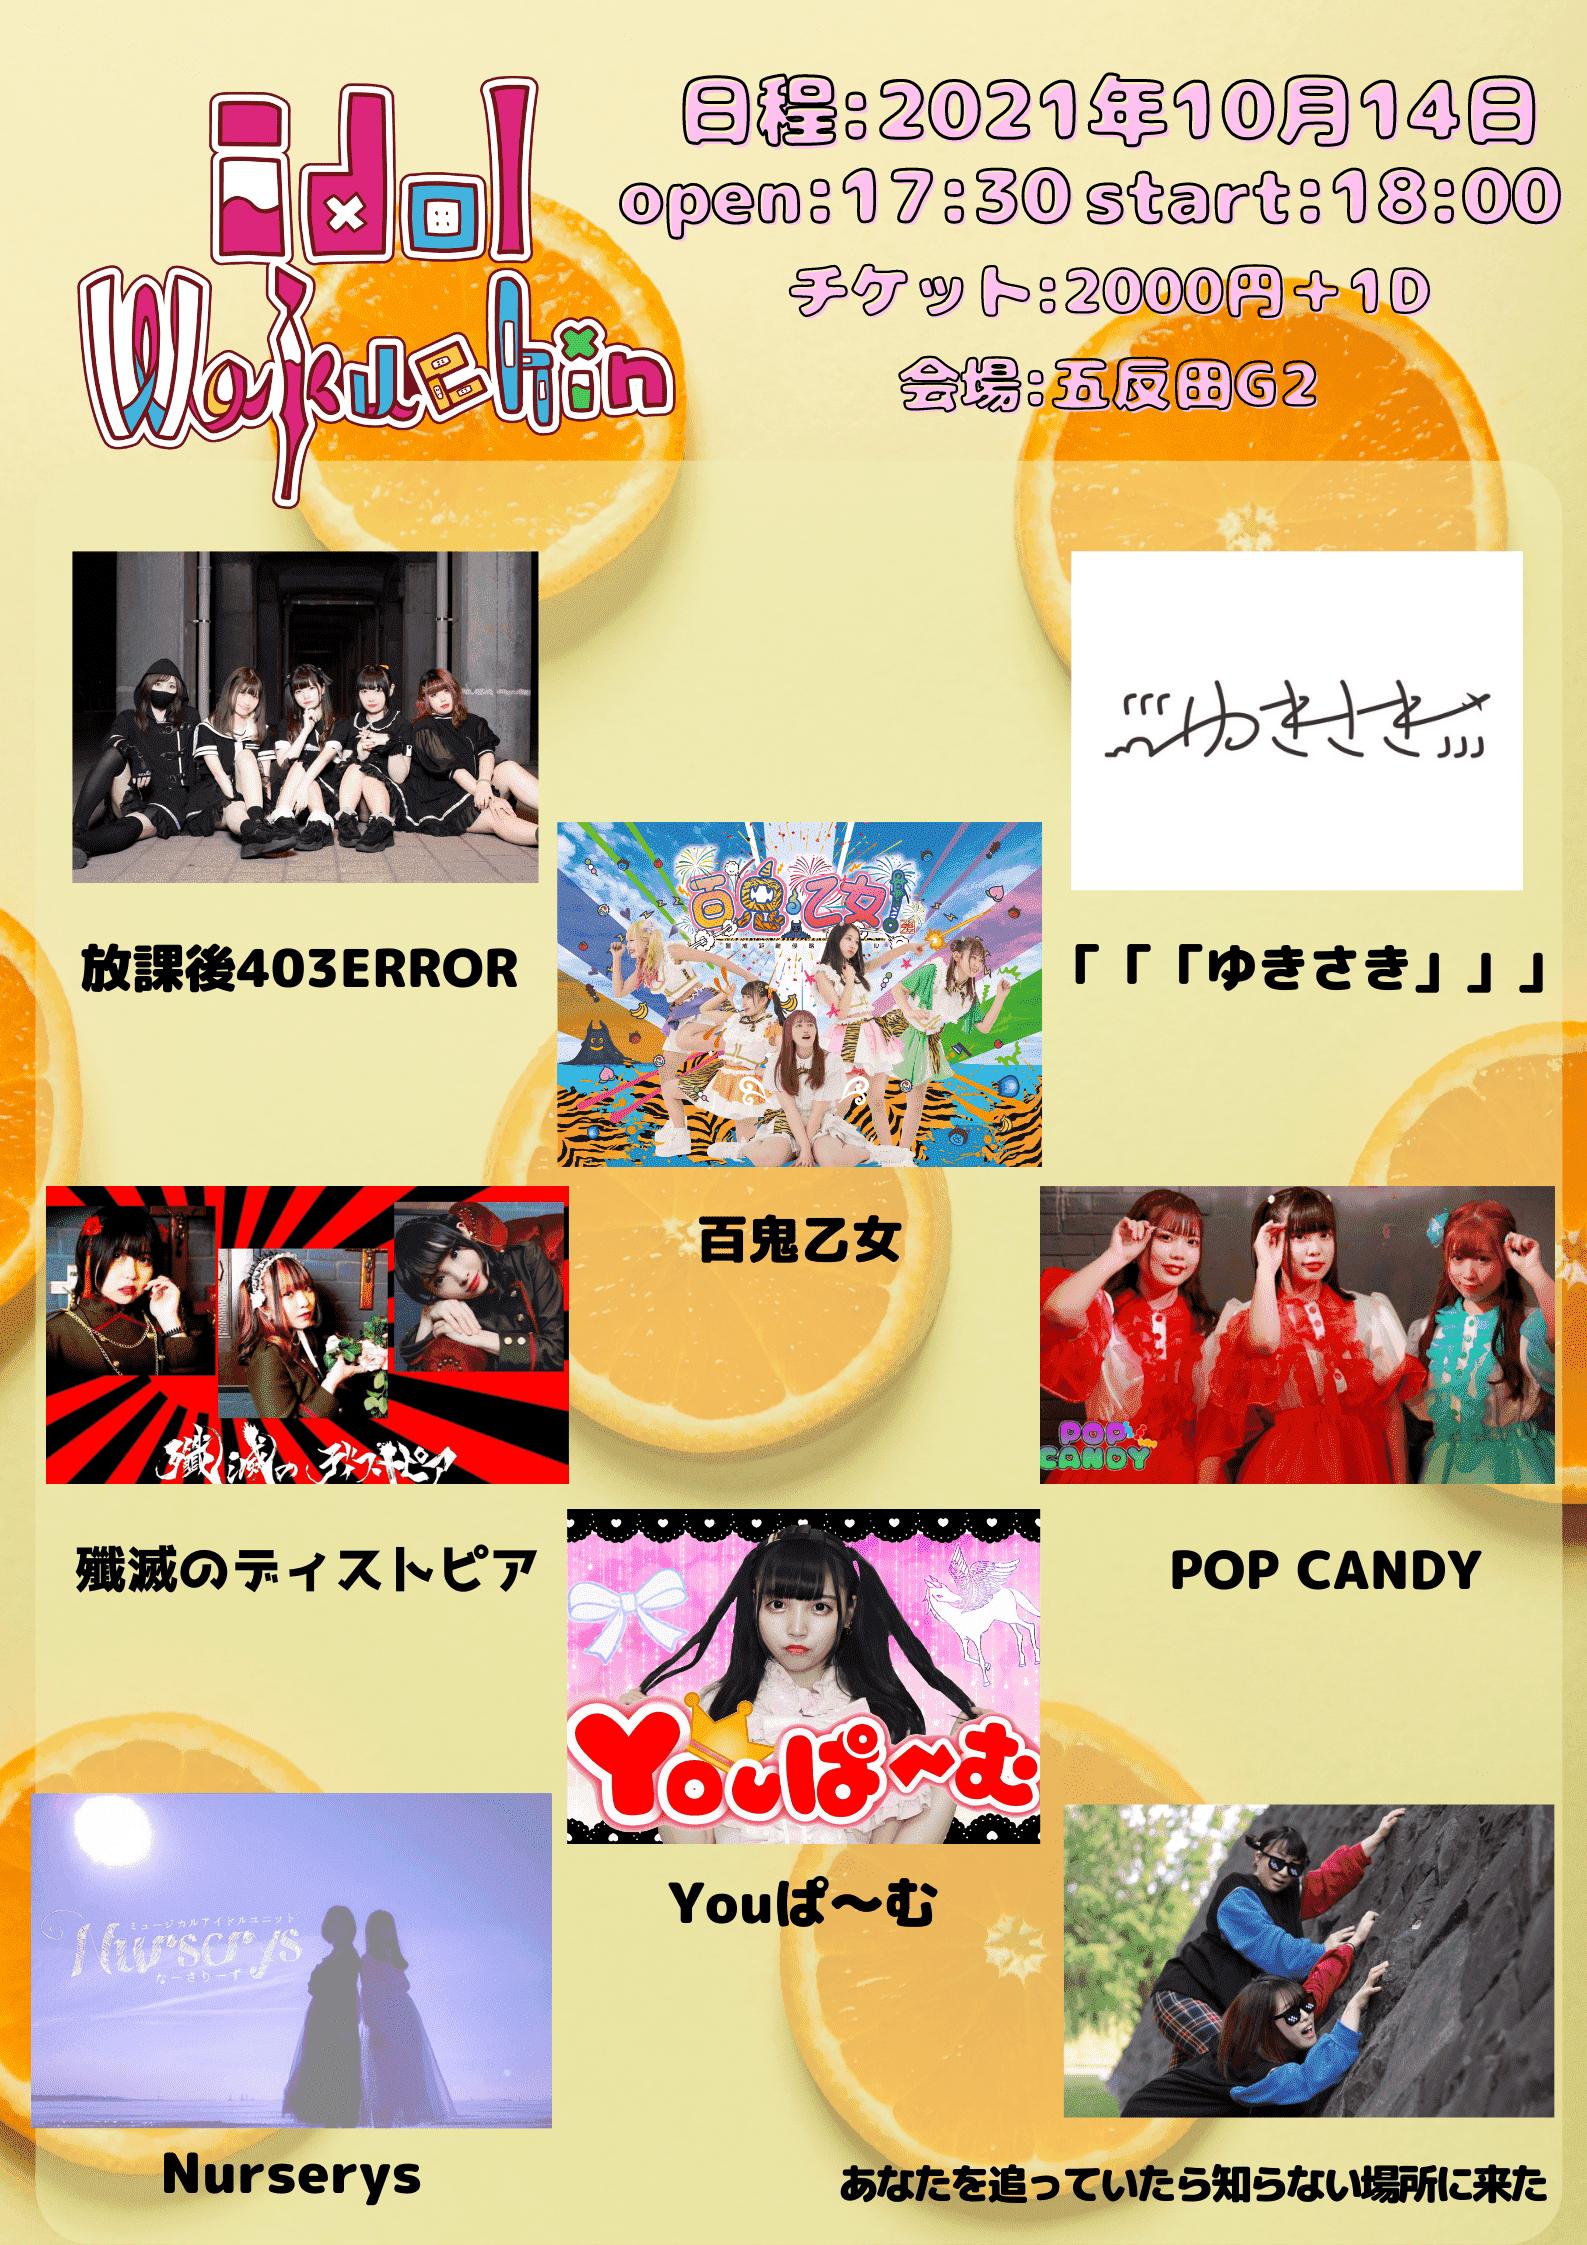 【idol Wakuchin】